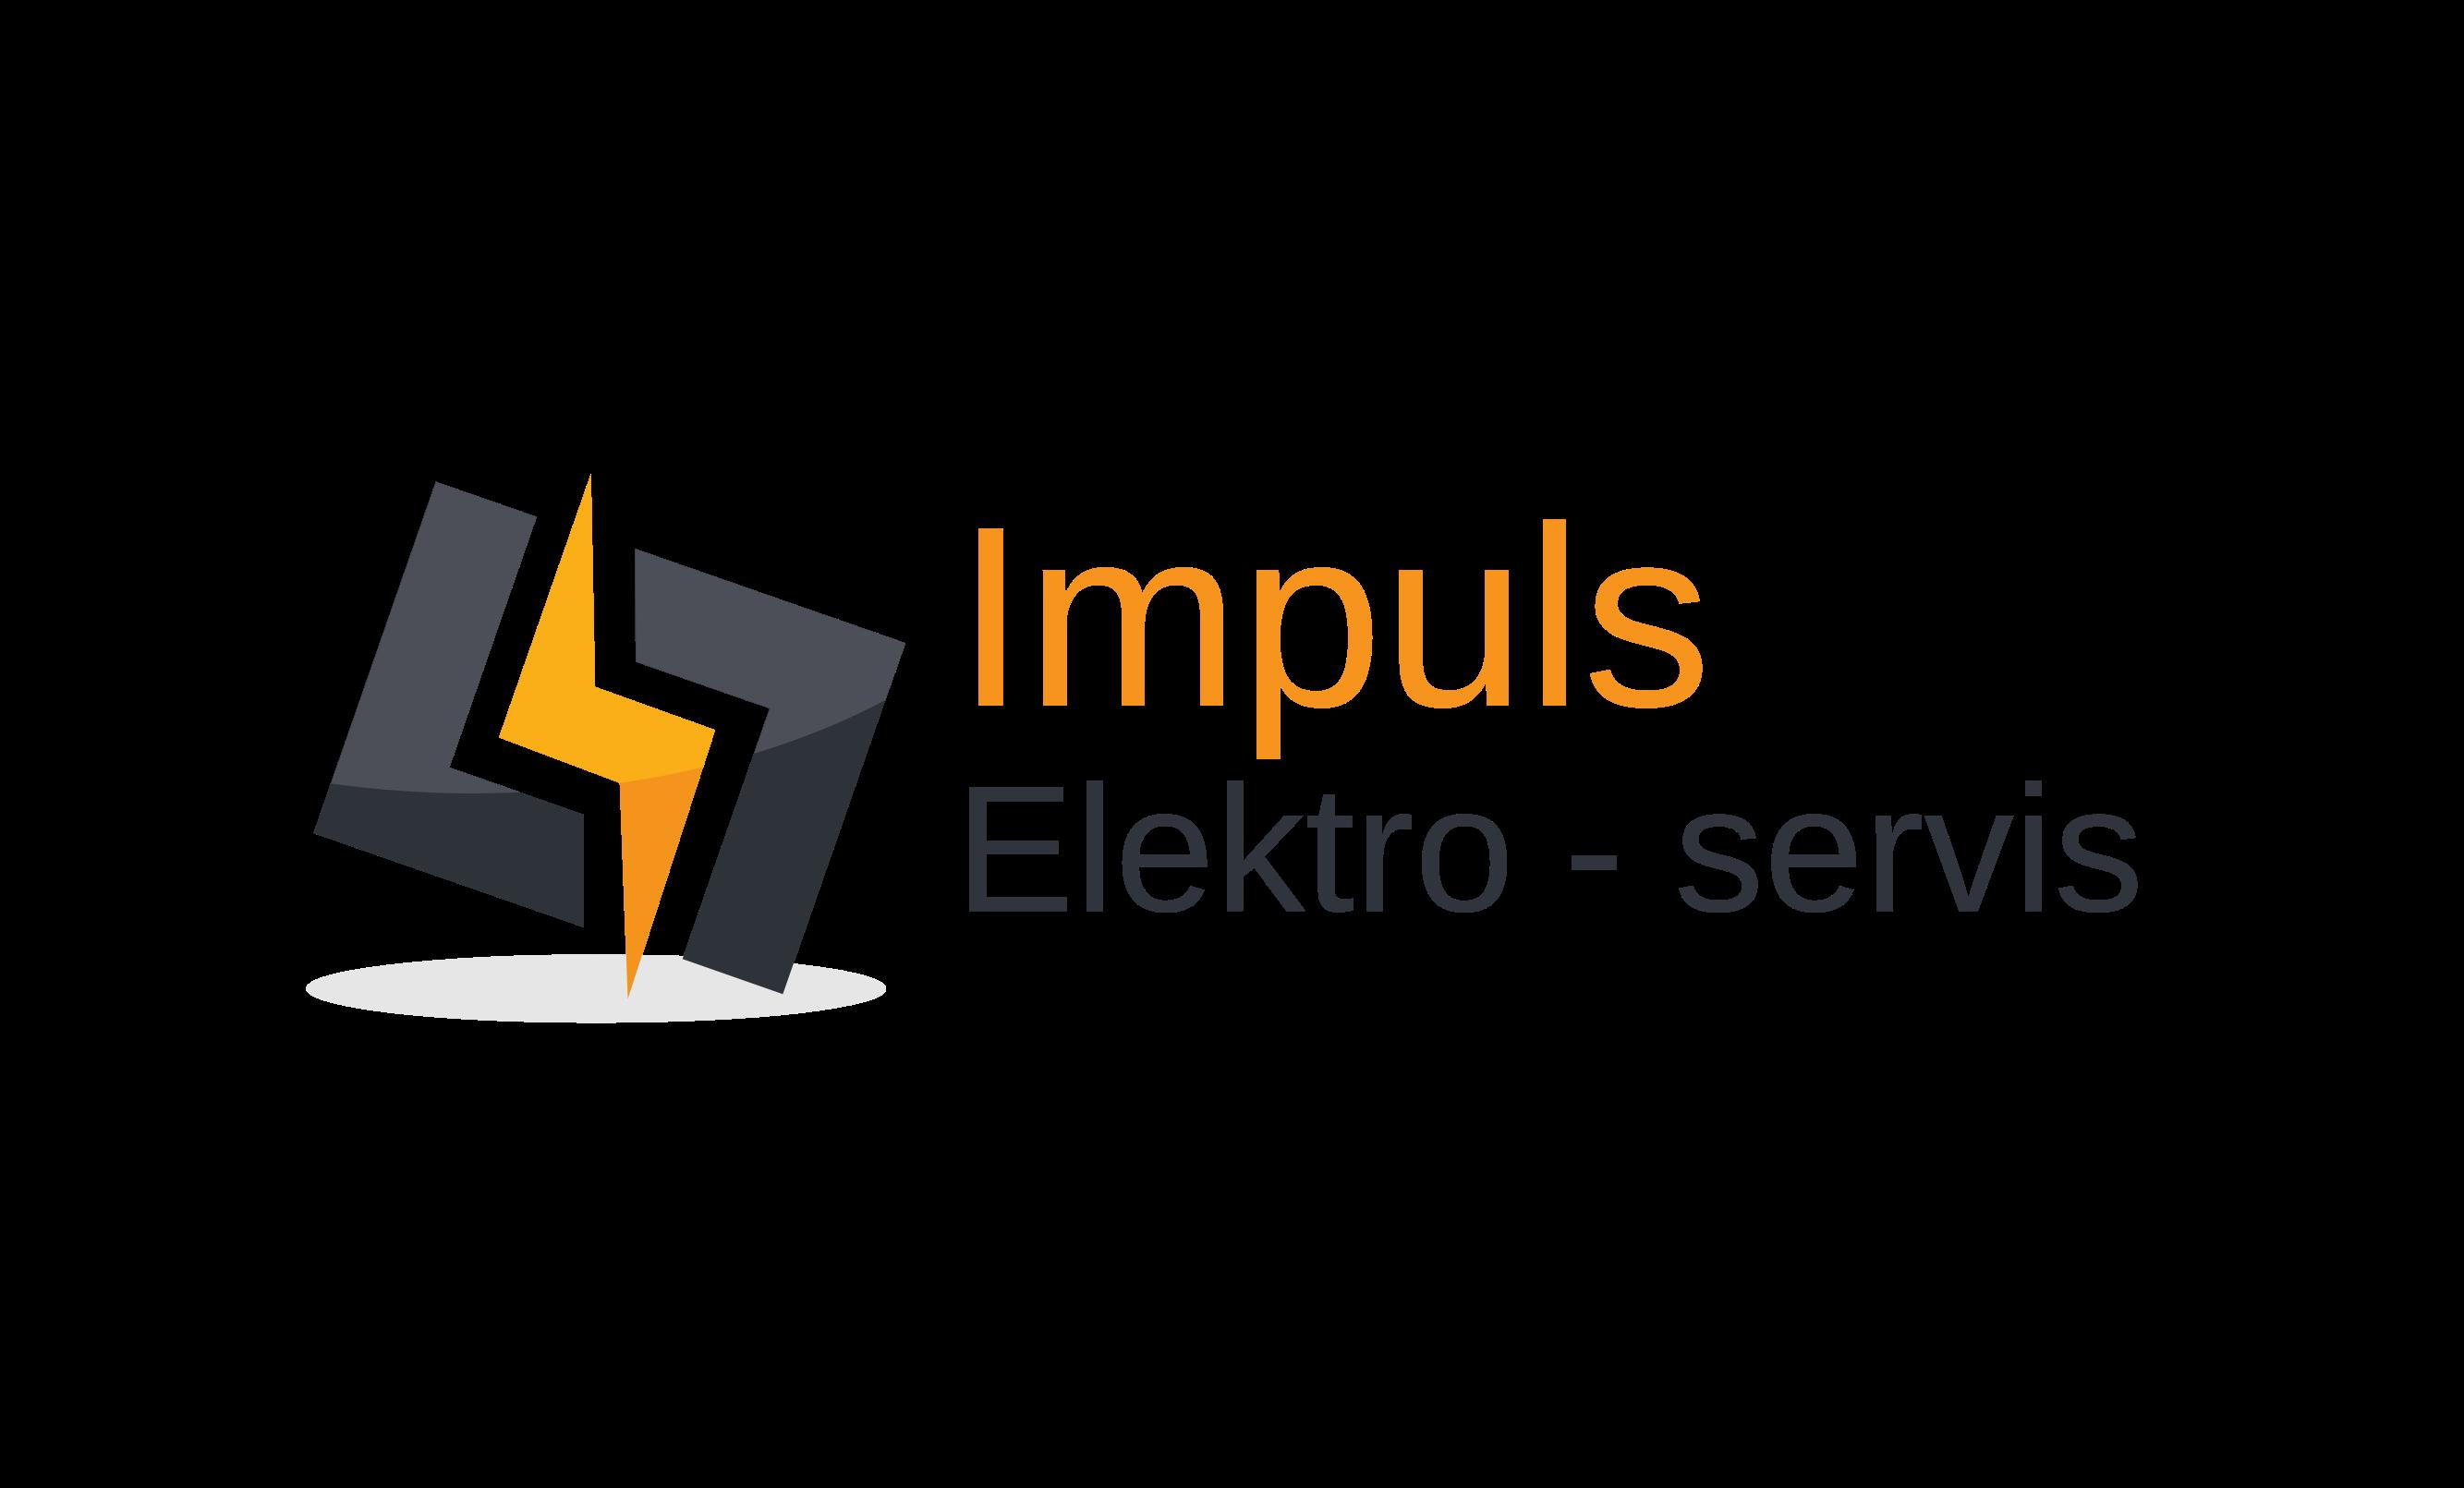 Impuls elektro servis